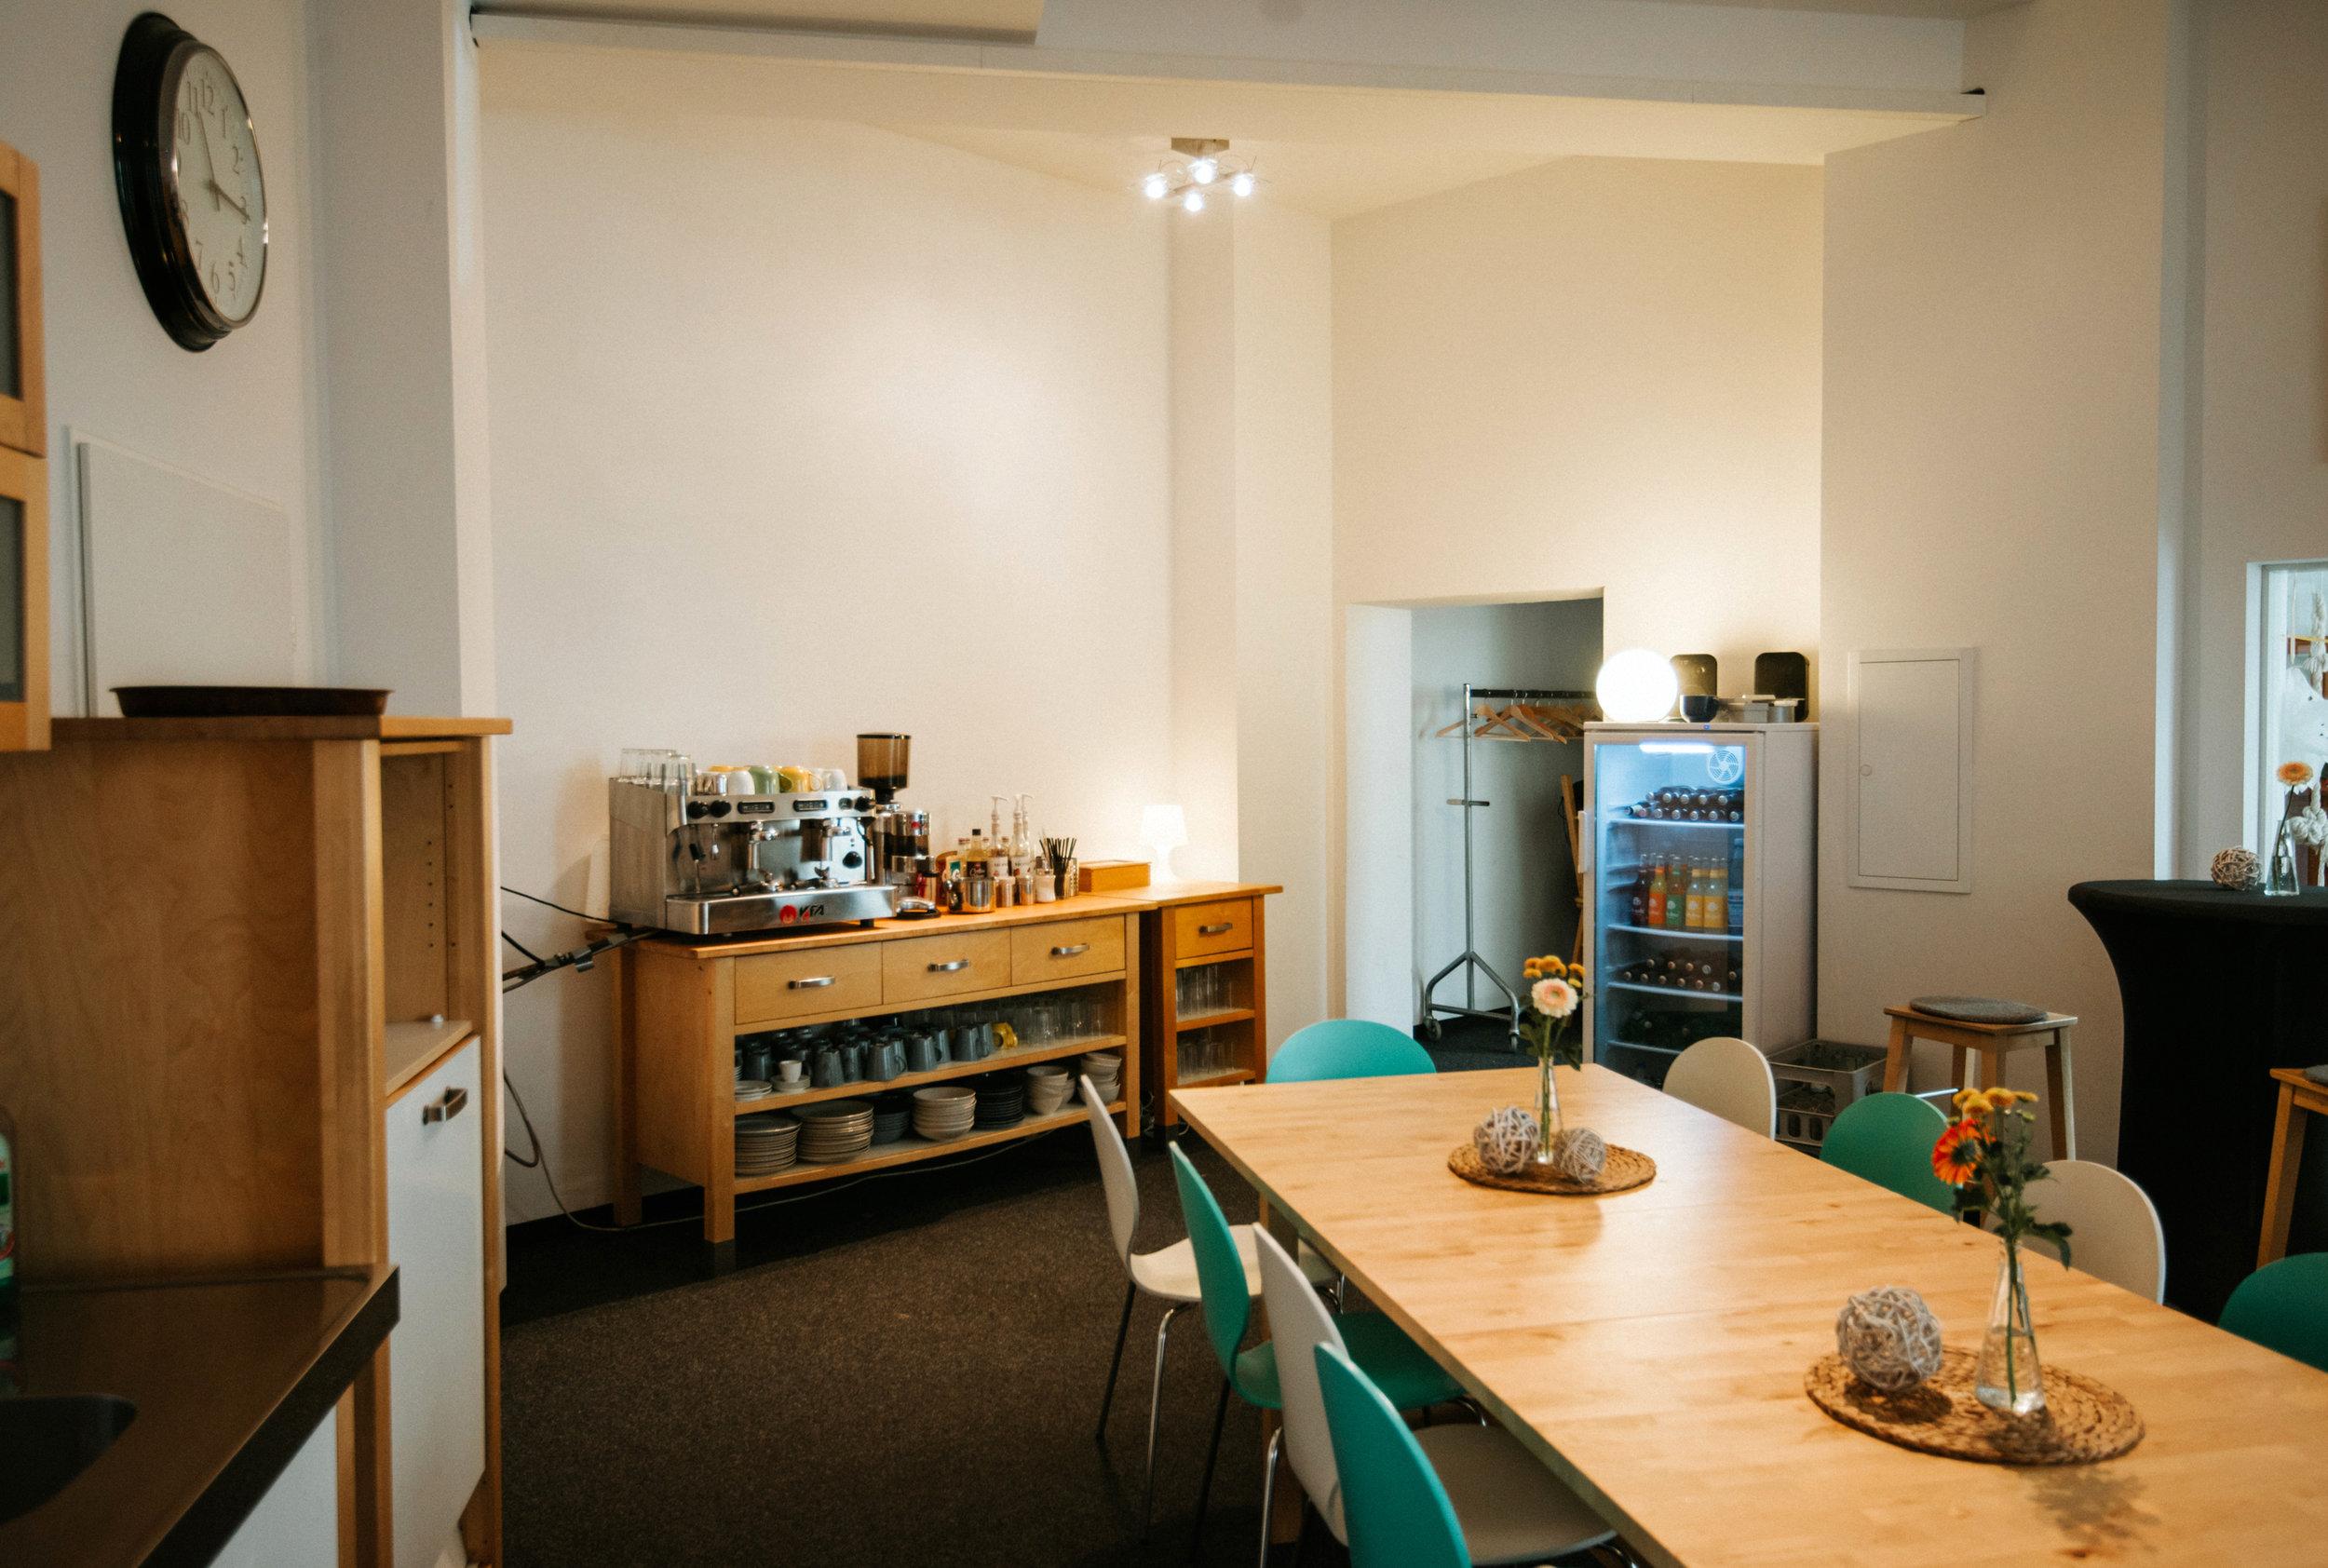 Eingang_Esszimmer_Küche_005.jpg